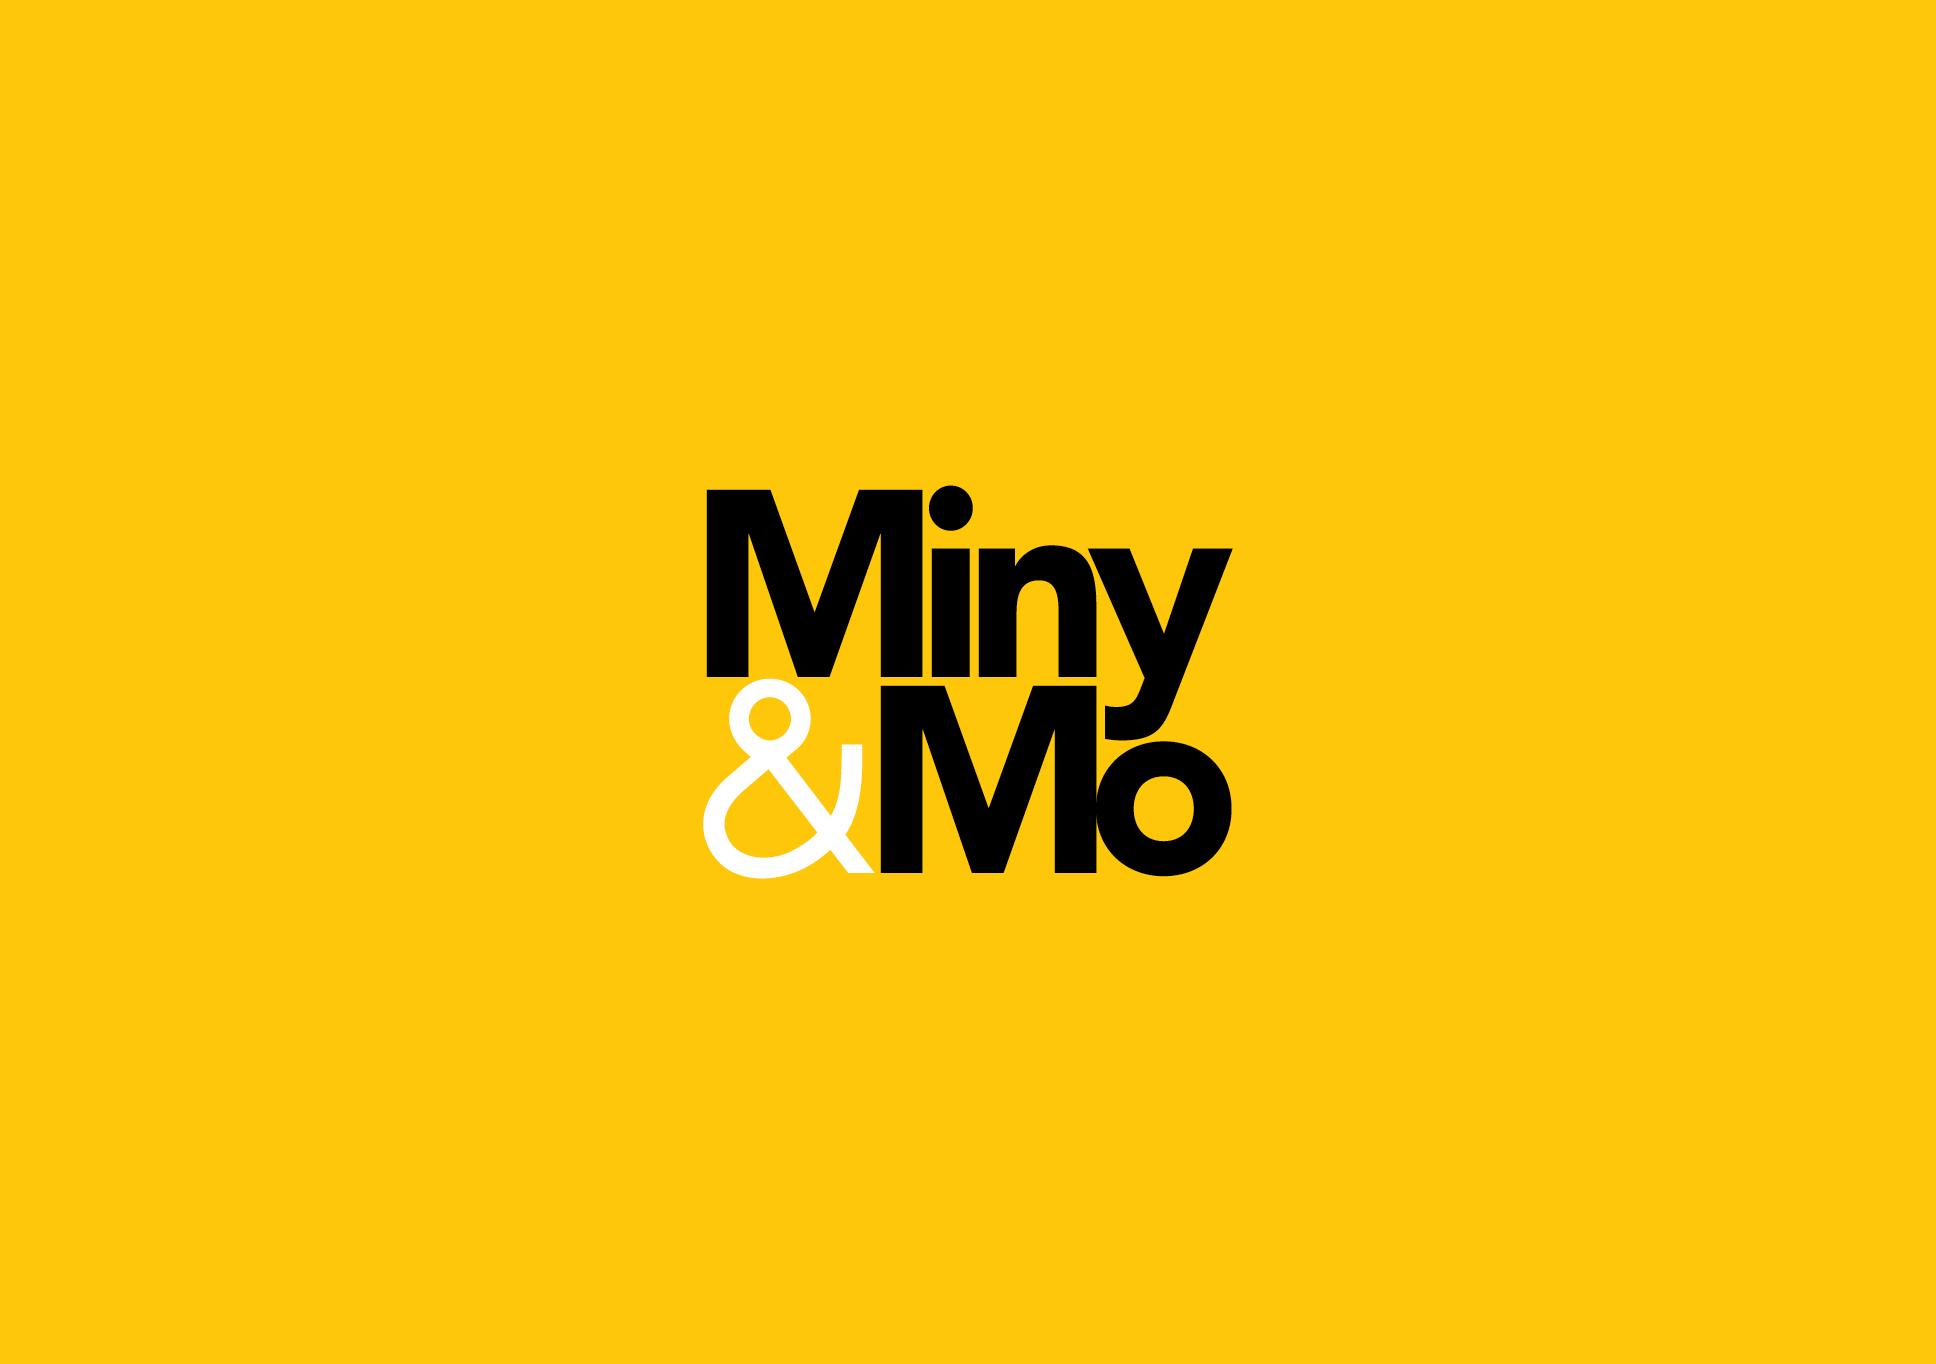 Miny&Mo logo